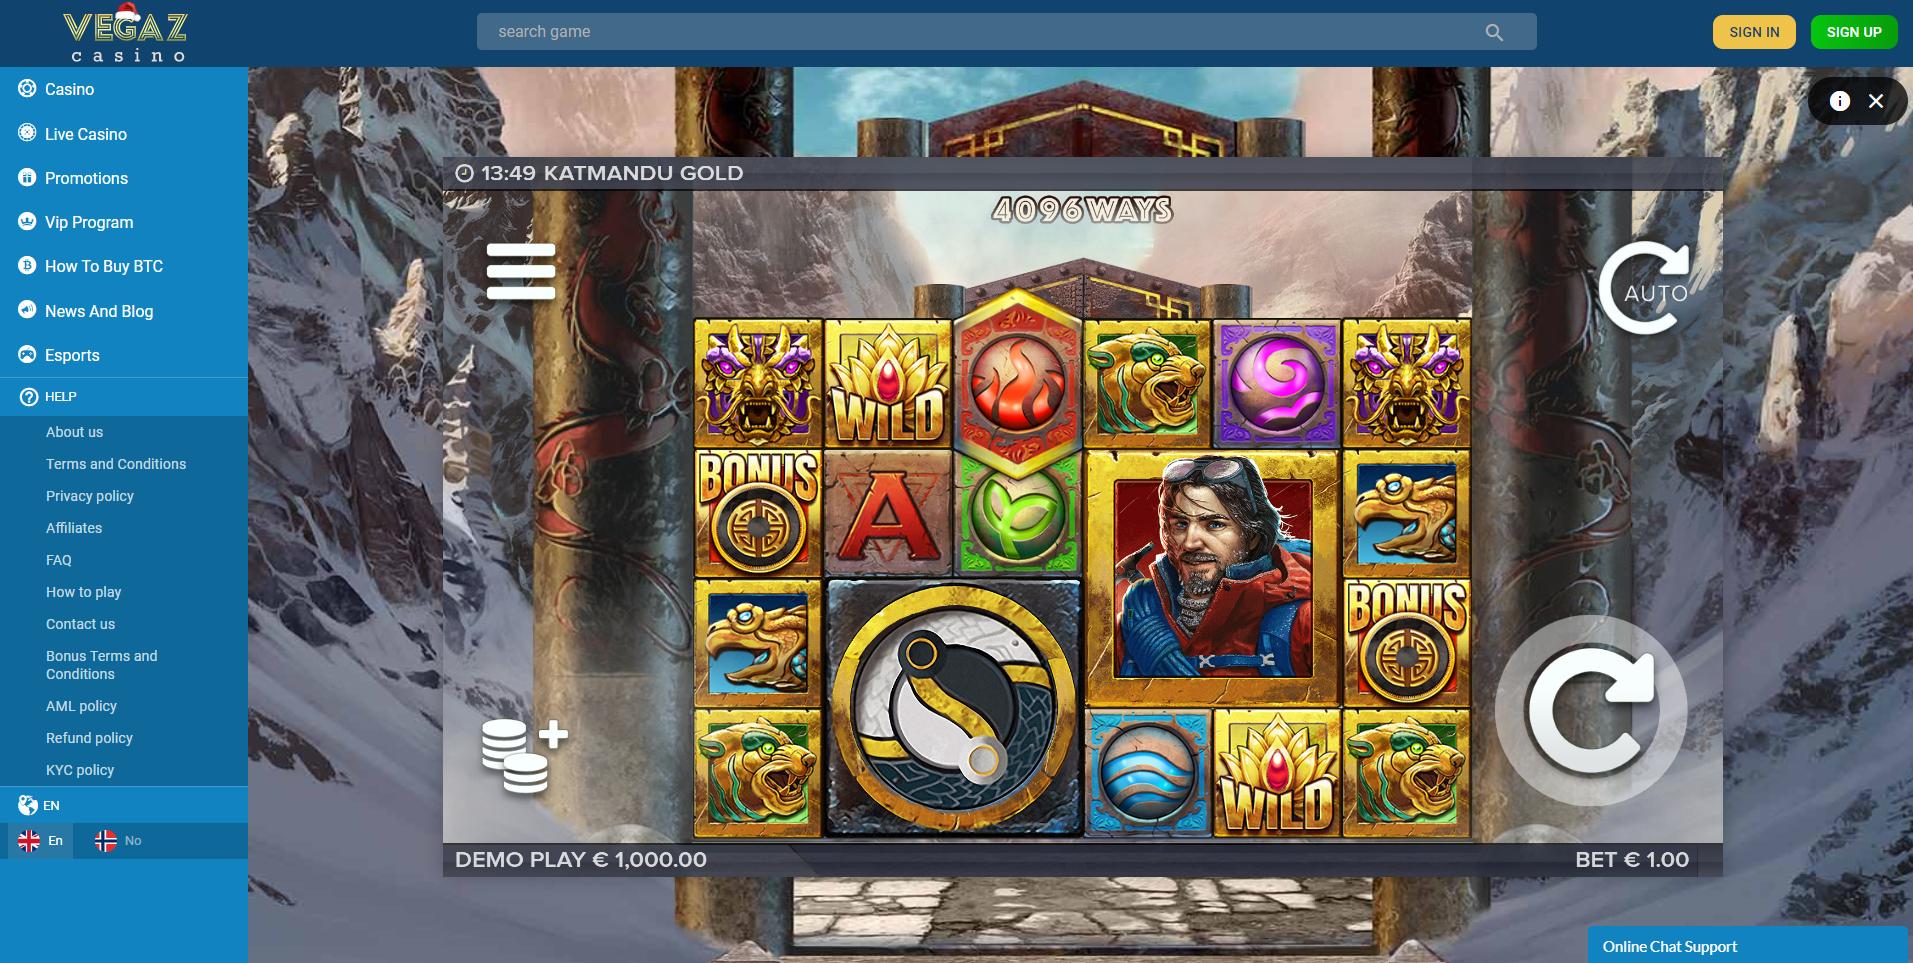 katmandu gold vegaz casino lošimo automatas elk